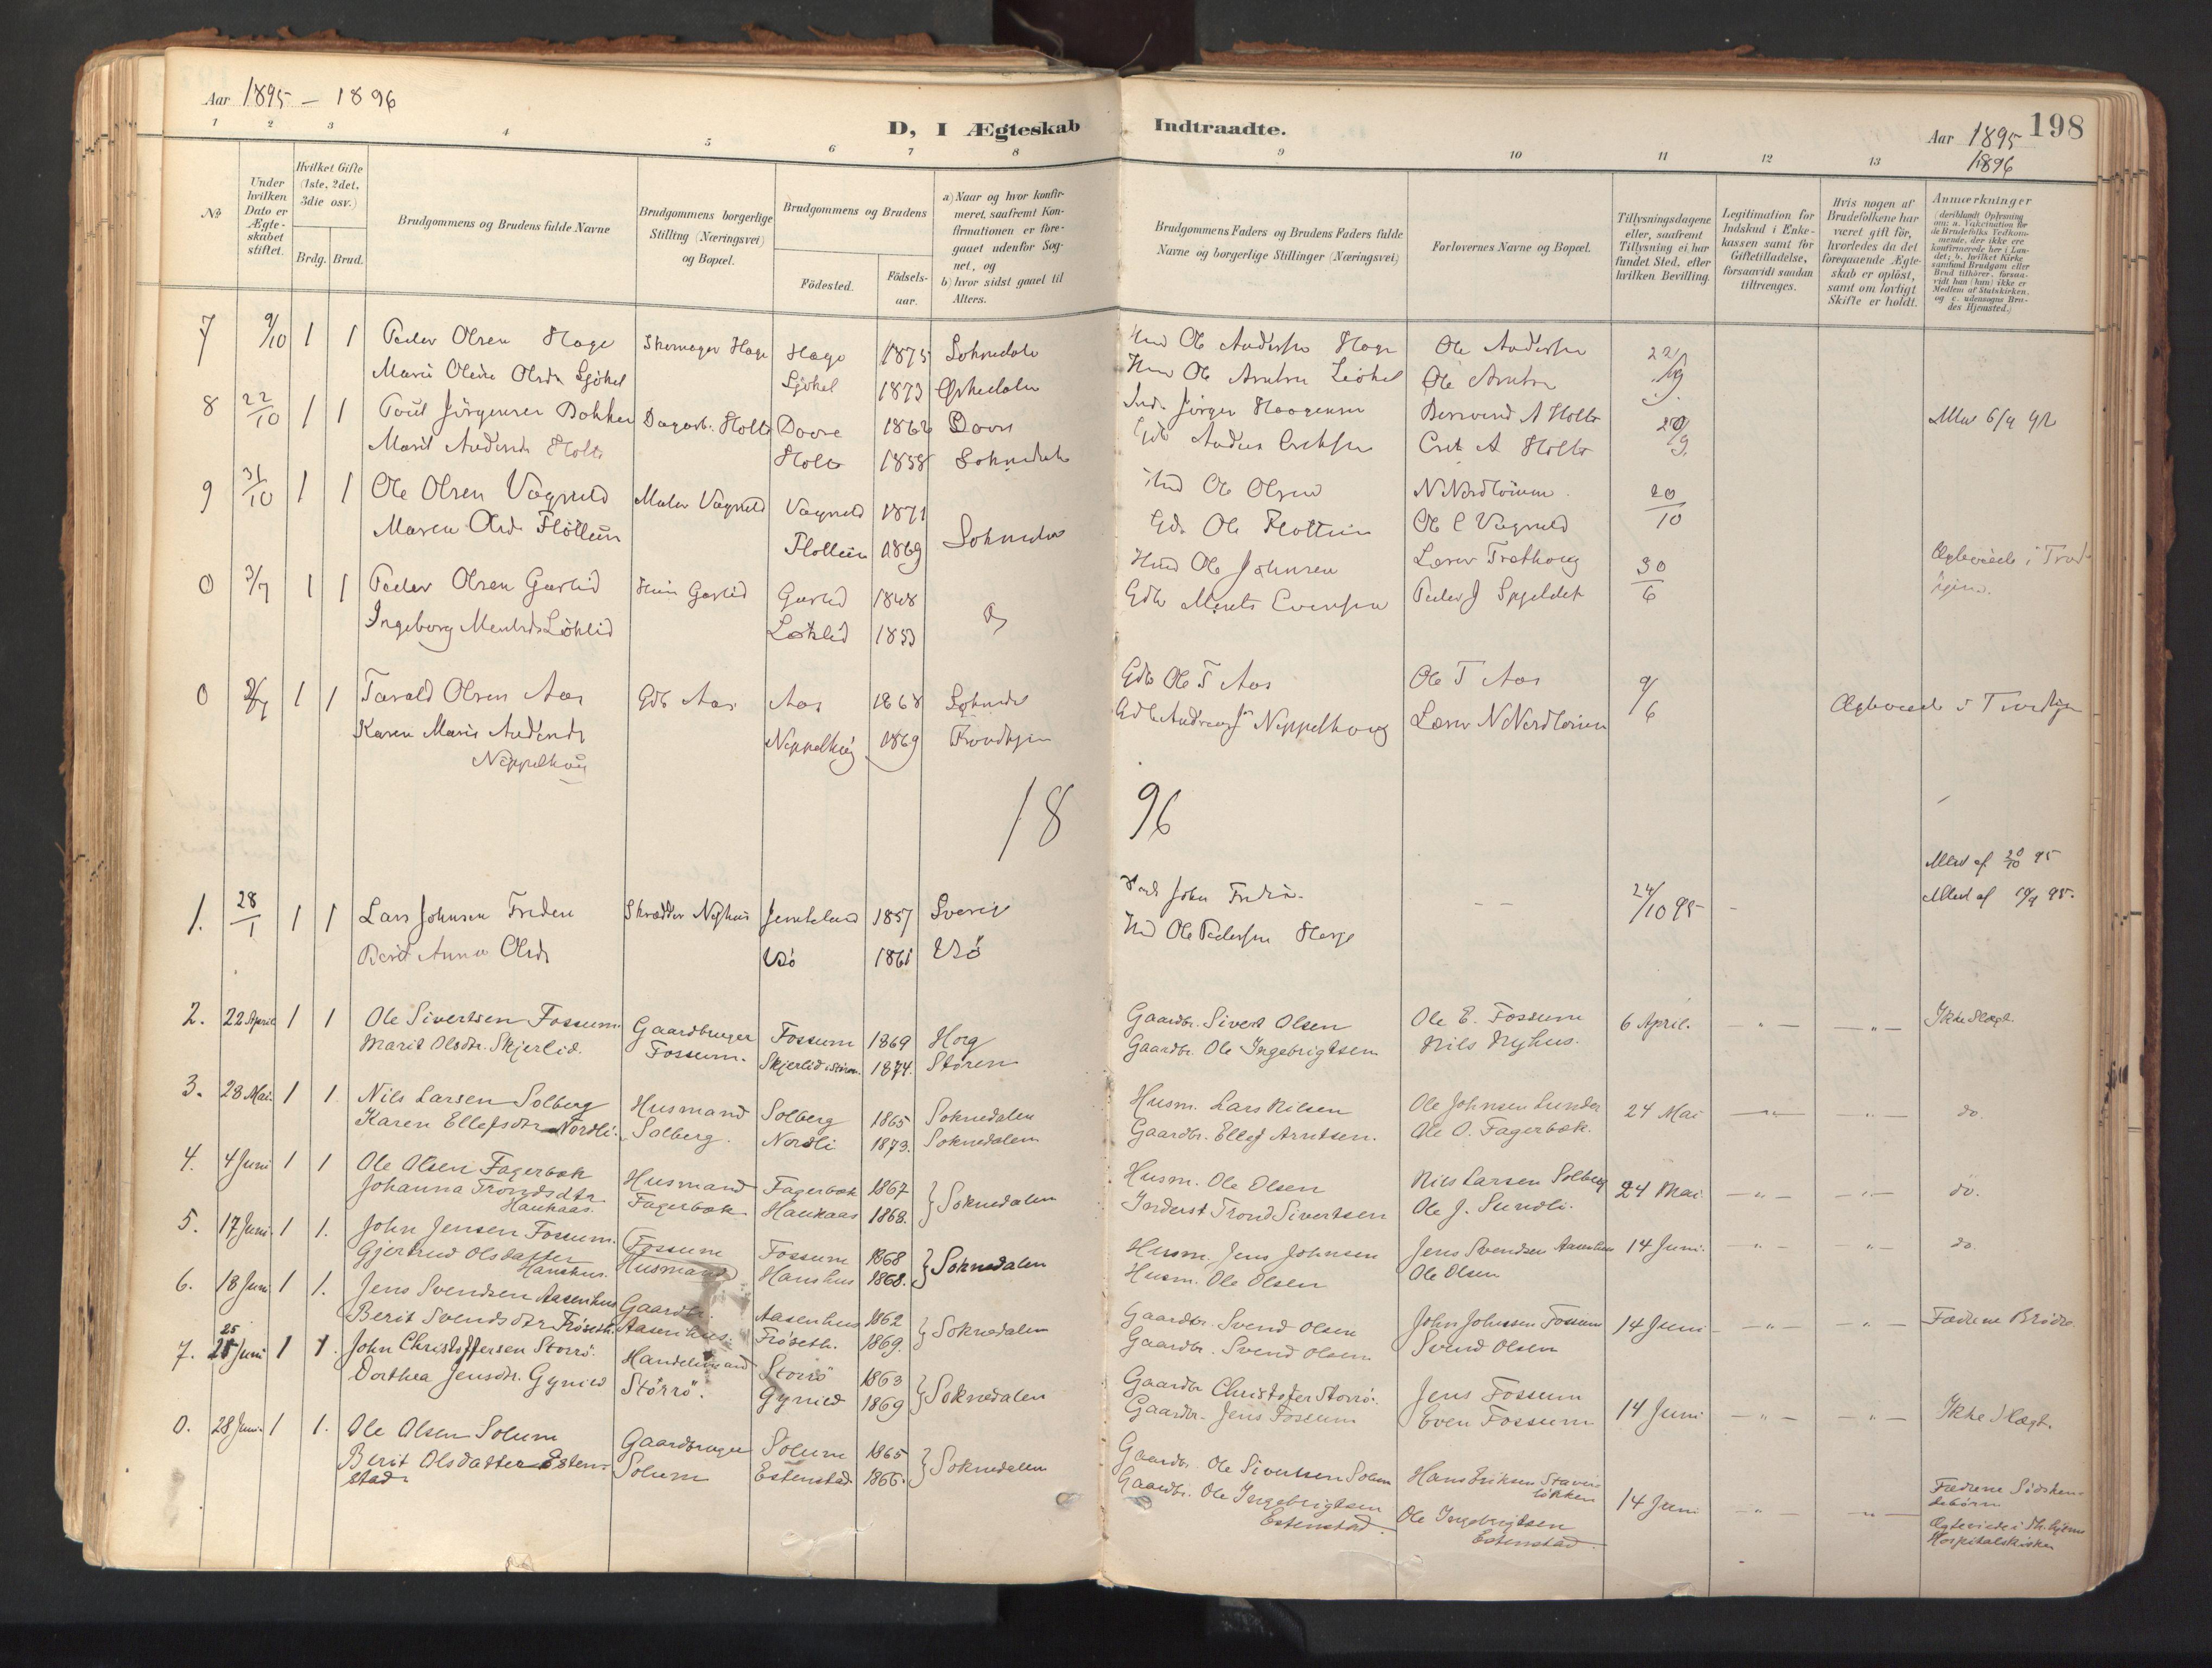 SAT, Ministerialprotokoller, klokkerbøker og fødselsregistre - Sør-Trøndelag, 689/L1041: Ministerialbok nr. 689A06, 1891-1923, s. 198